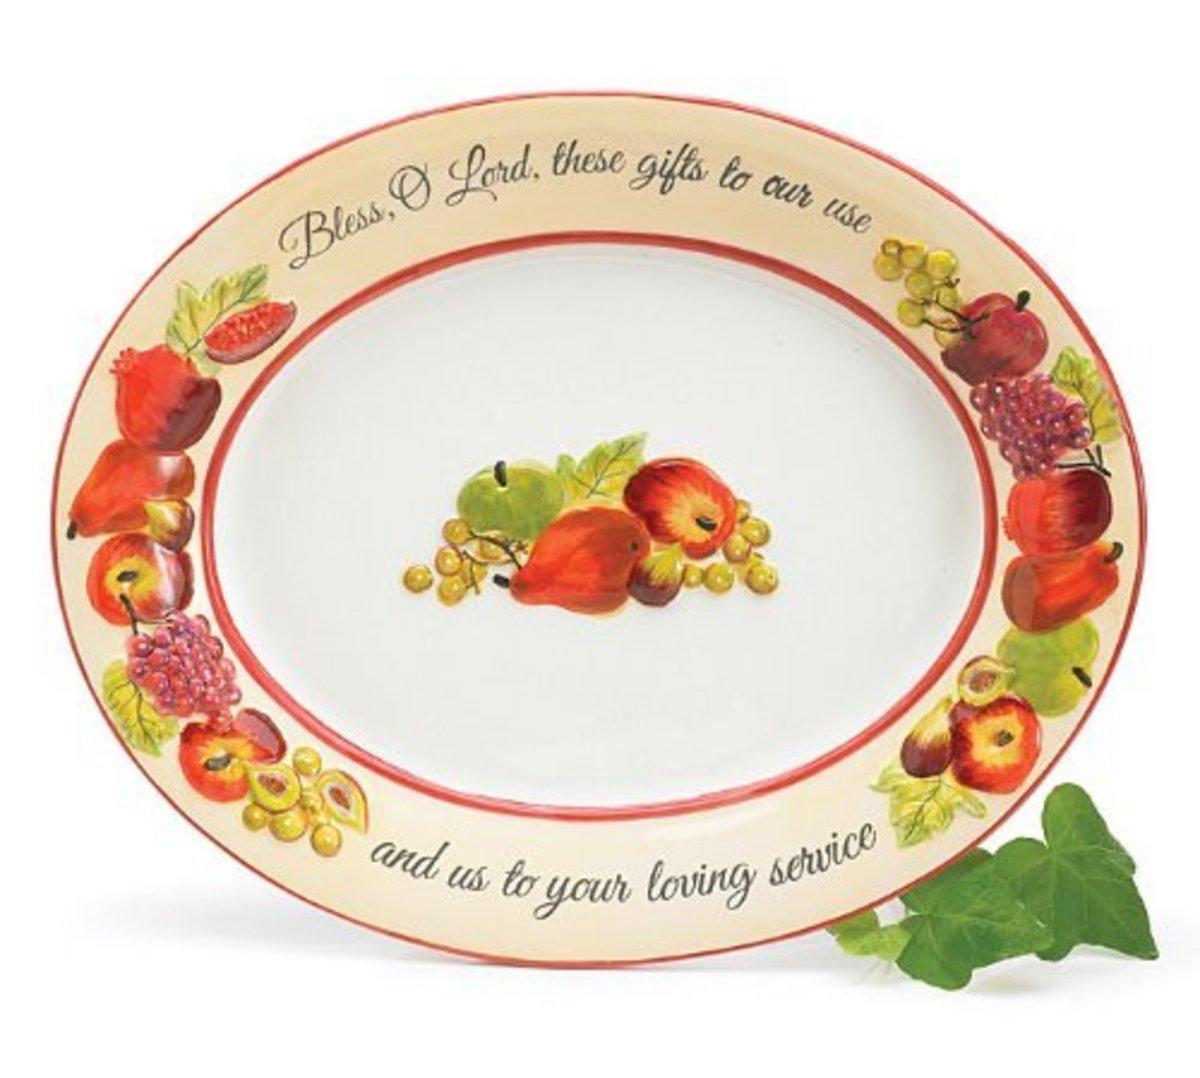 Thanksgiving Prayer on Platter